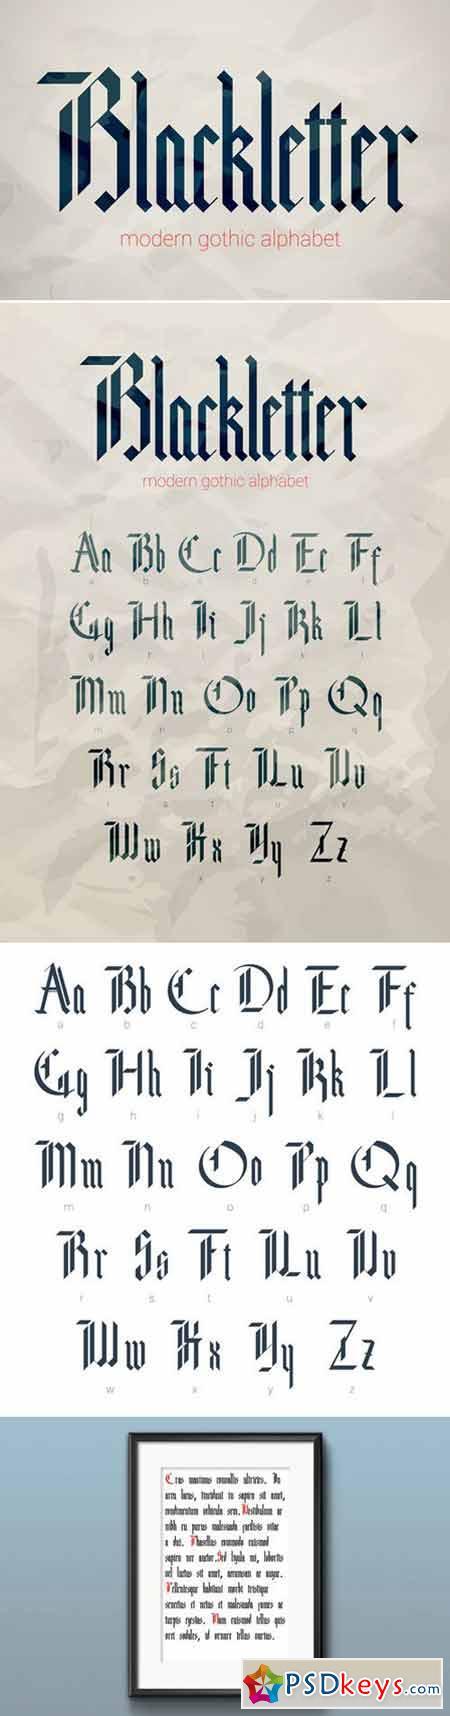 Blackletter modern gothic font. 425205